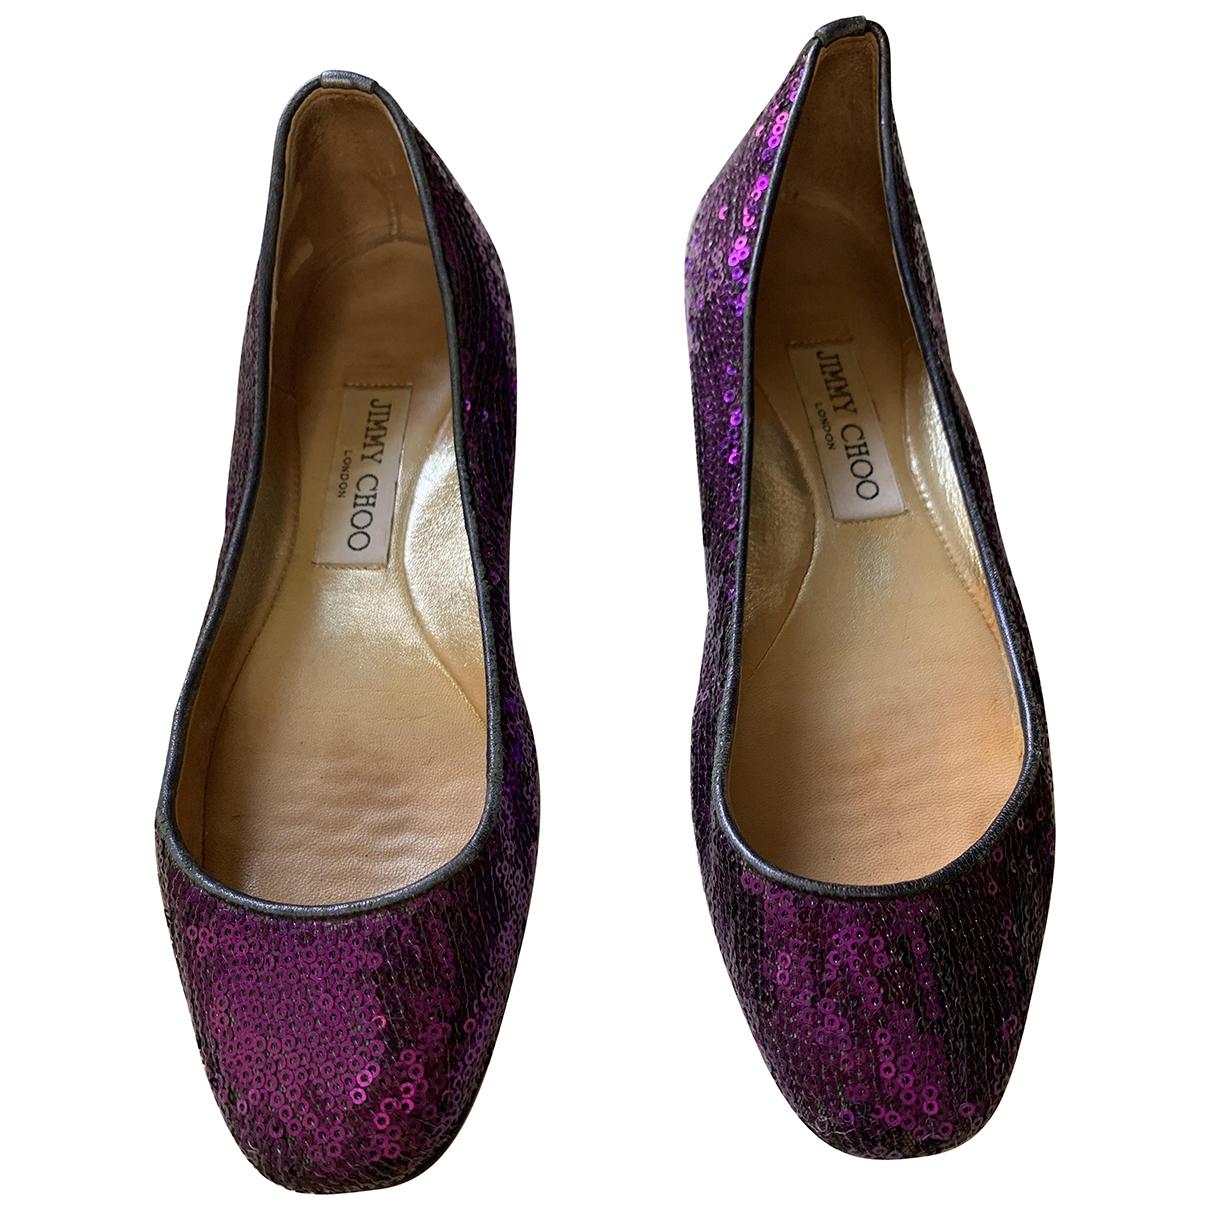 Jimmy Choo \N Purple Glitter Ballet flats for Women 36.5 IT